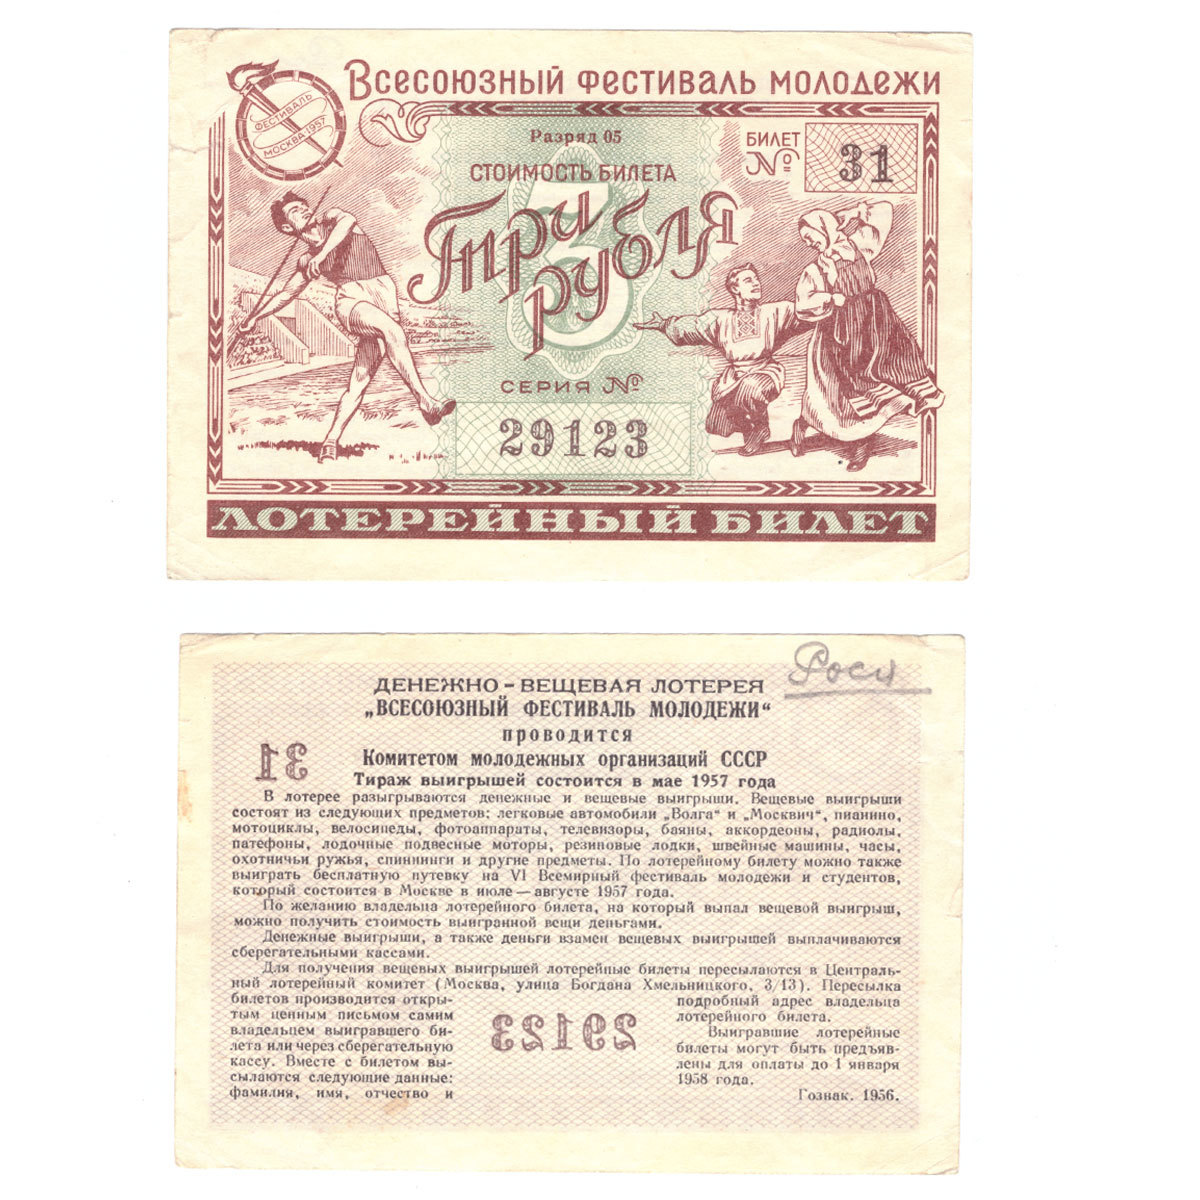 Лотерейный билет Всесоюзный фестиваль молодежи 1956 г